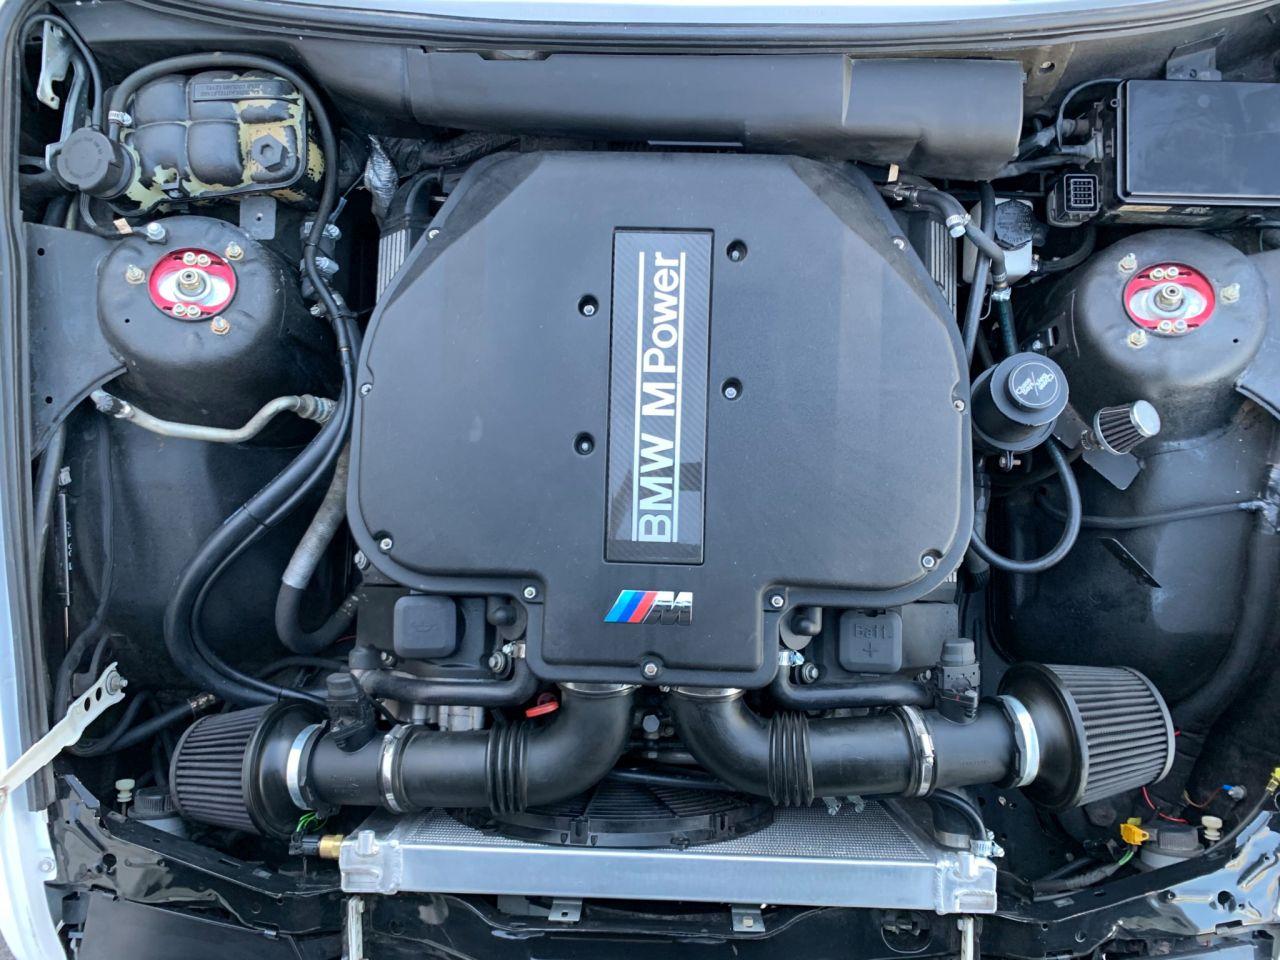 BMW 325i en S62 - Parce que 8, c'est mieux que 6 ! 7